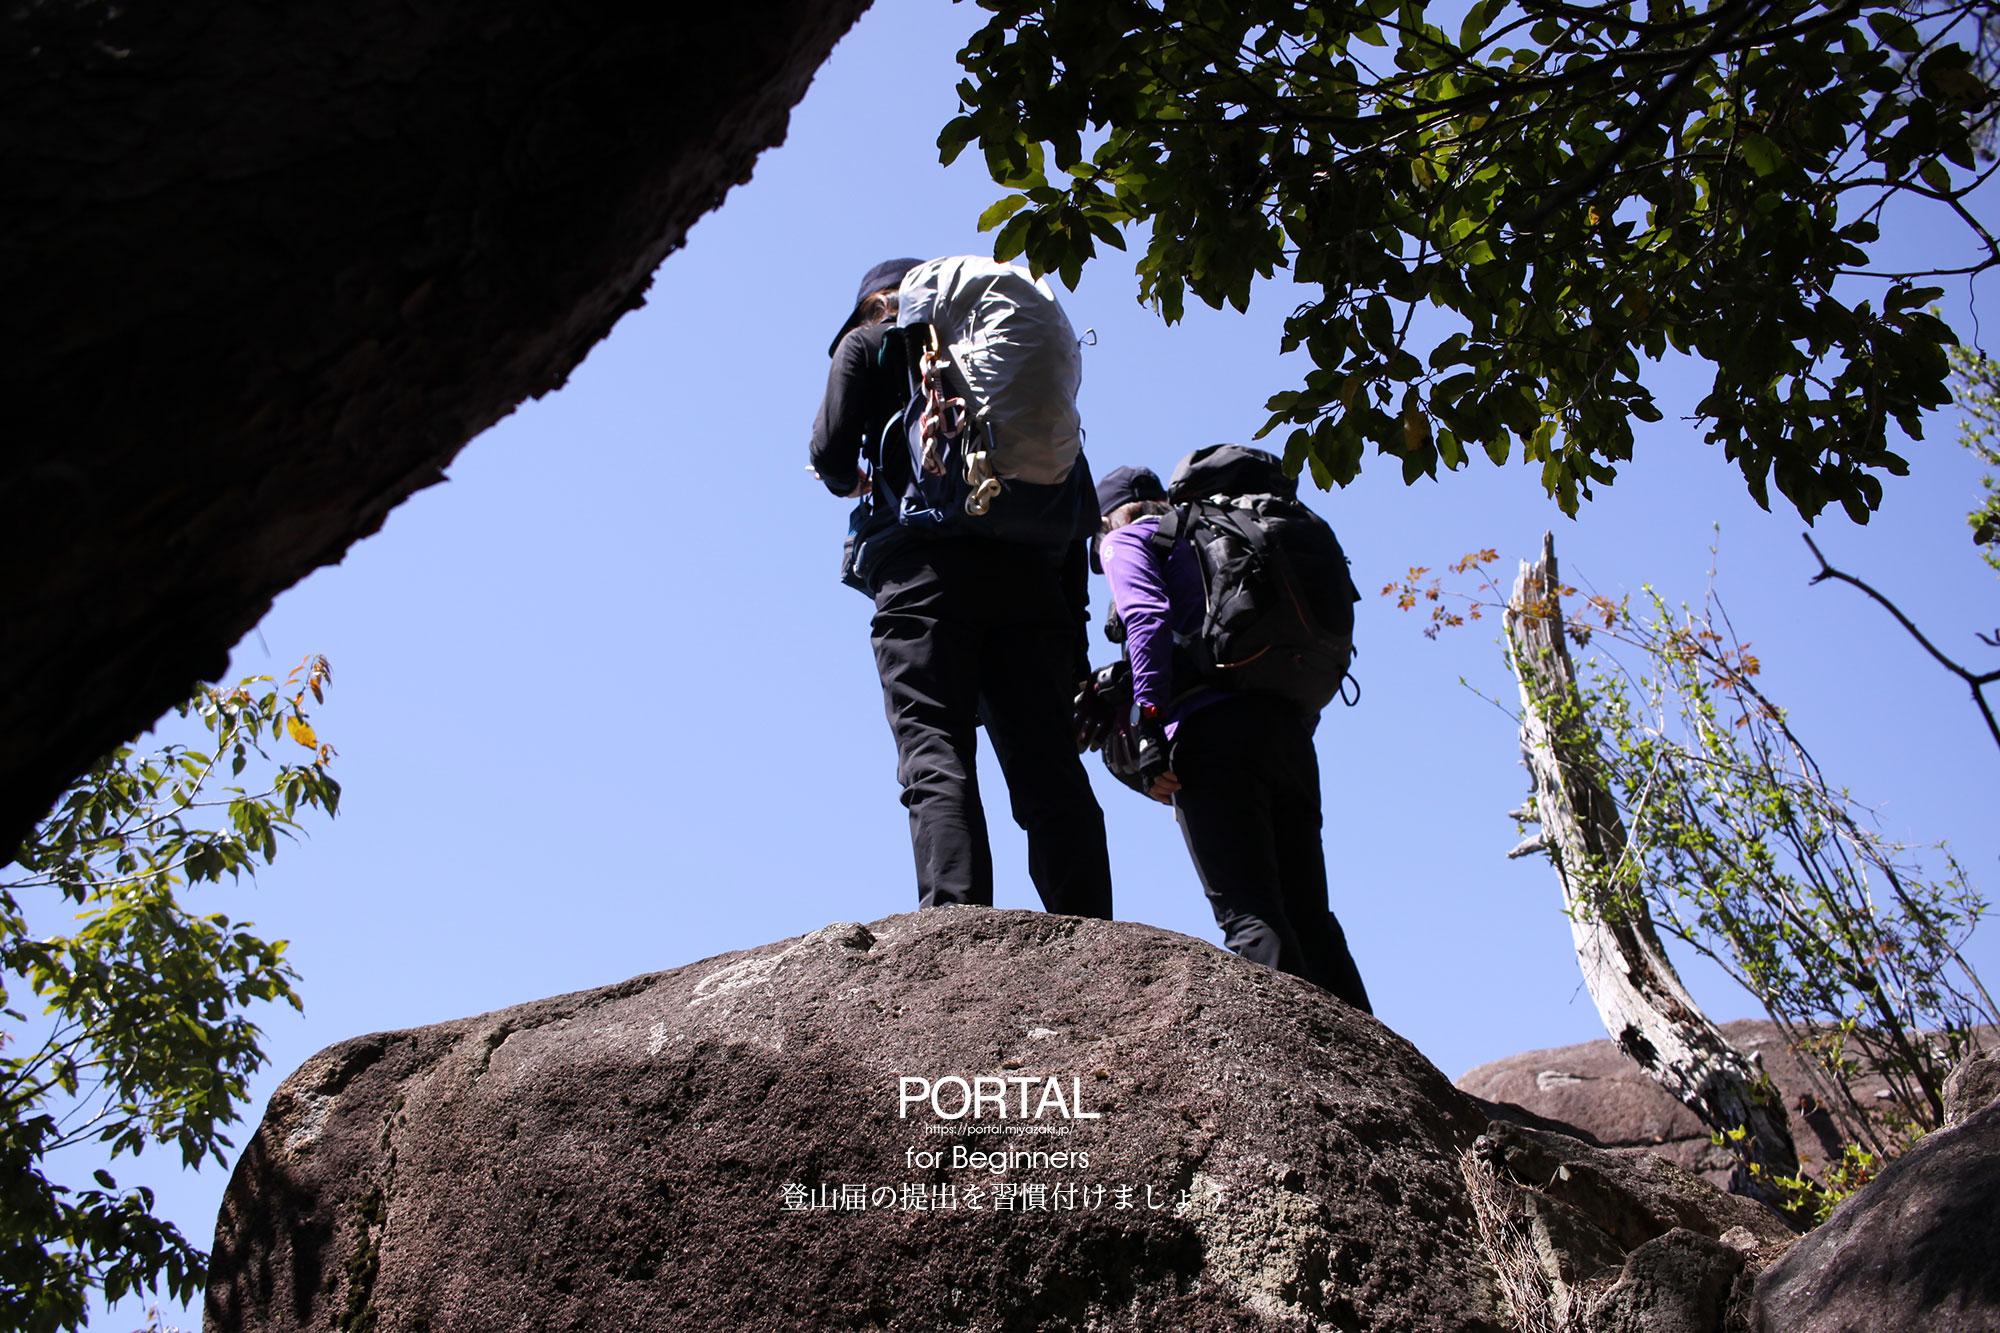 登山を楽しむ際は登山届の提出を